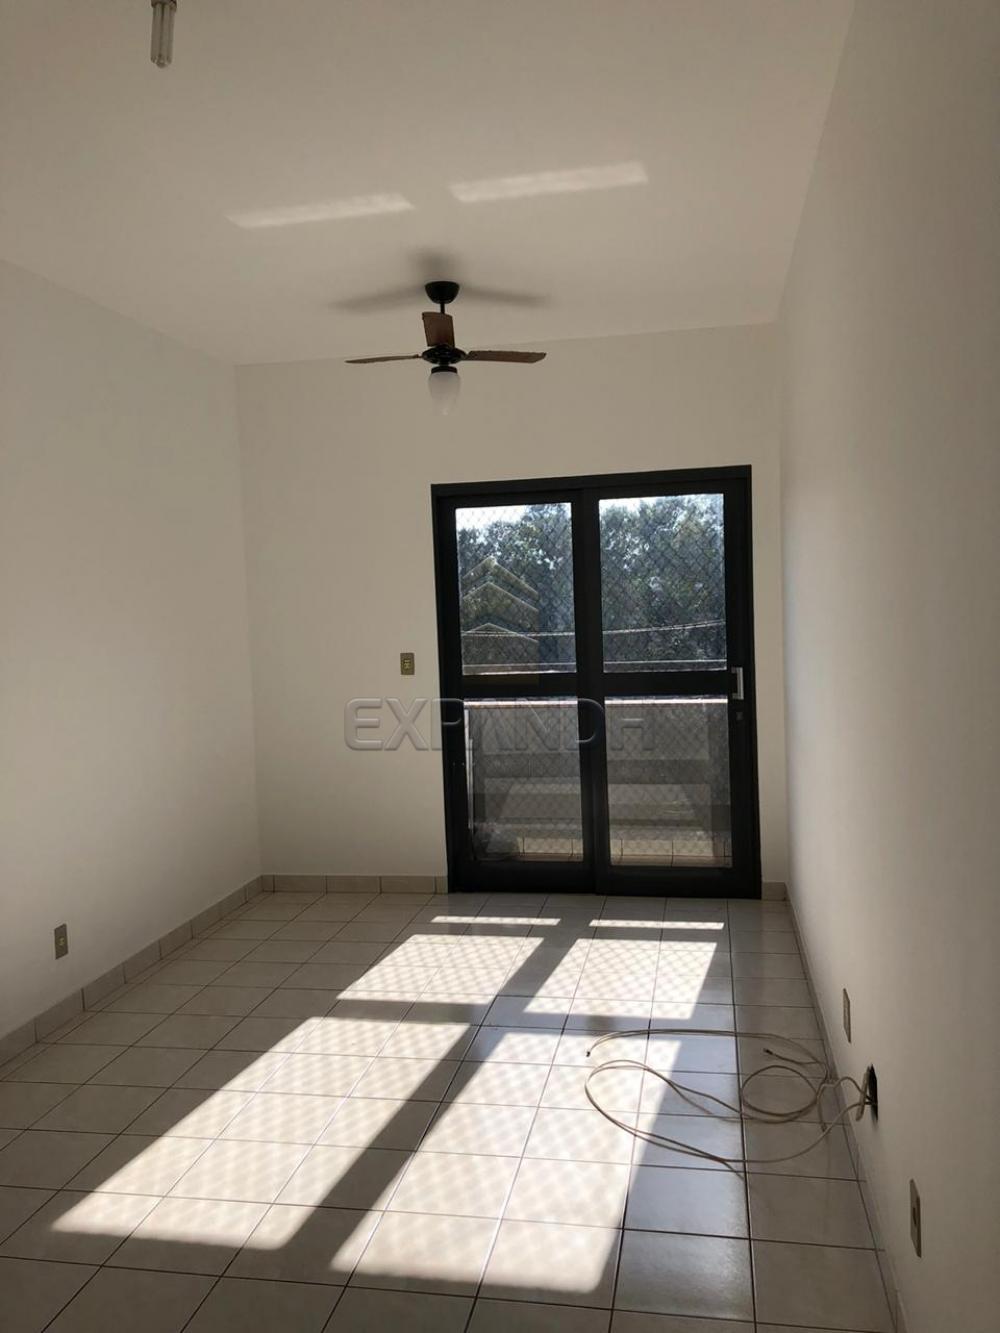 Alugar Apartamentos / Padrão em Sertãozinho apenas R$ 900,00 - Foto 5